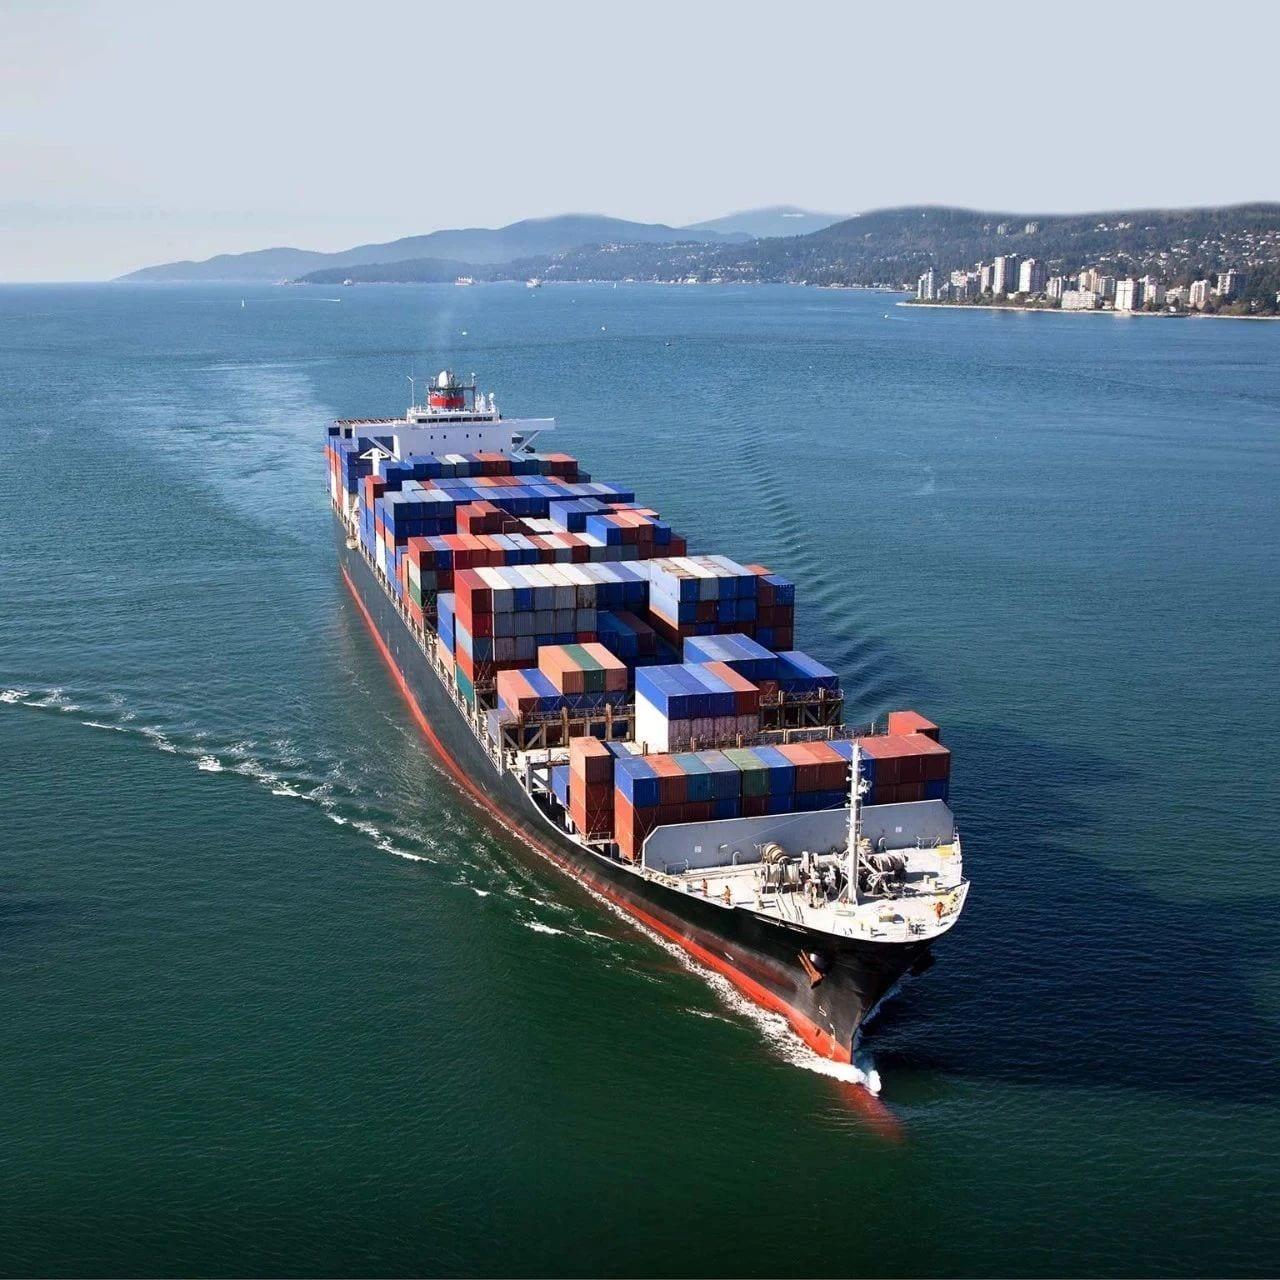 해외 무역 뉴스 : 확고하게 계속해서 개방을 확대합니다.